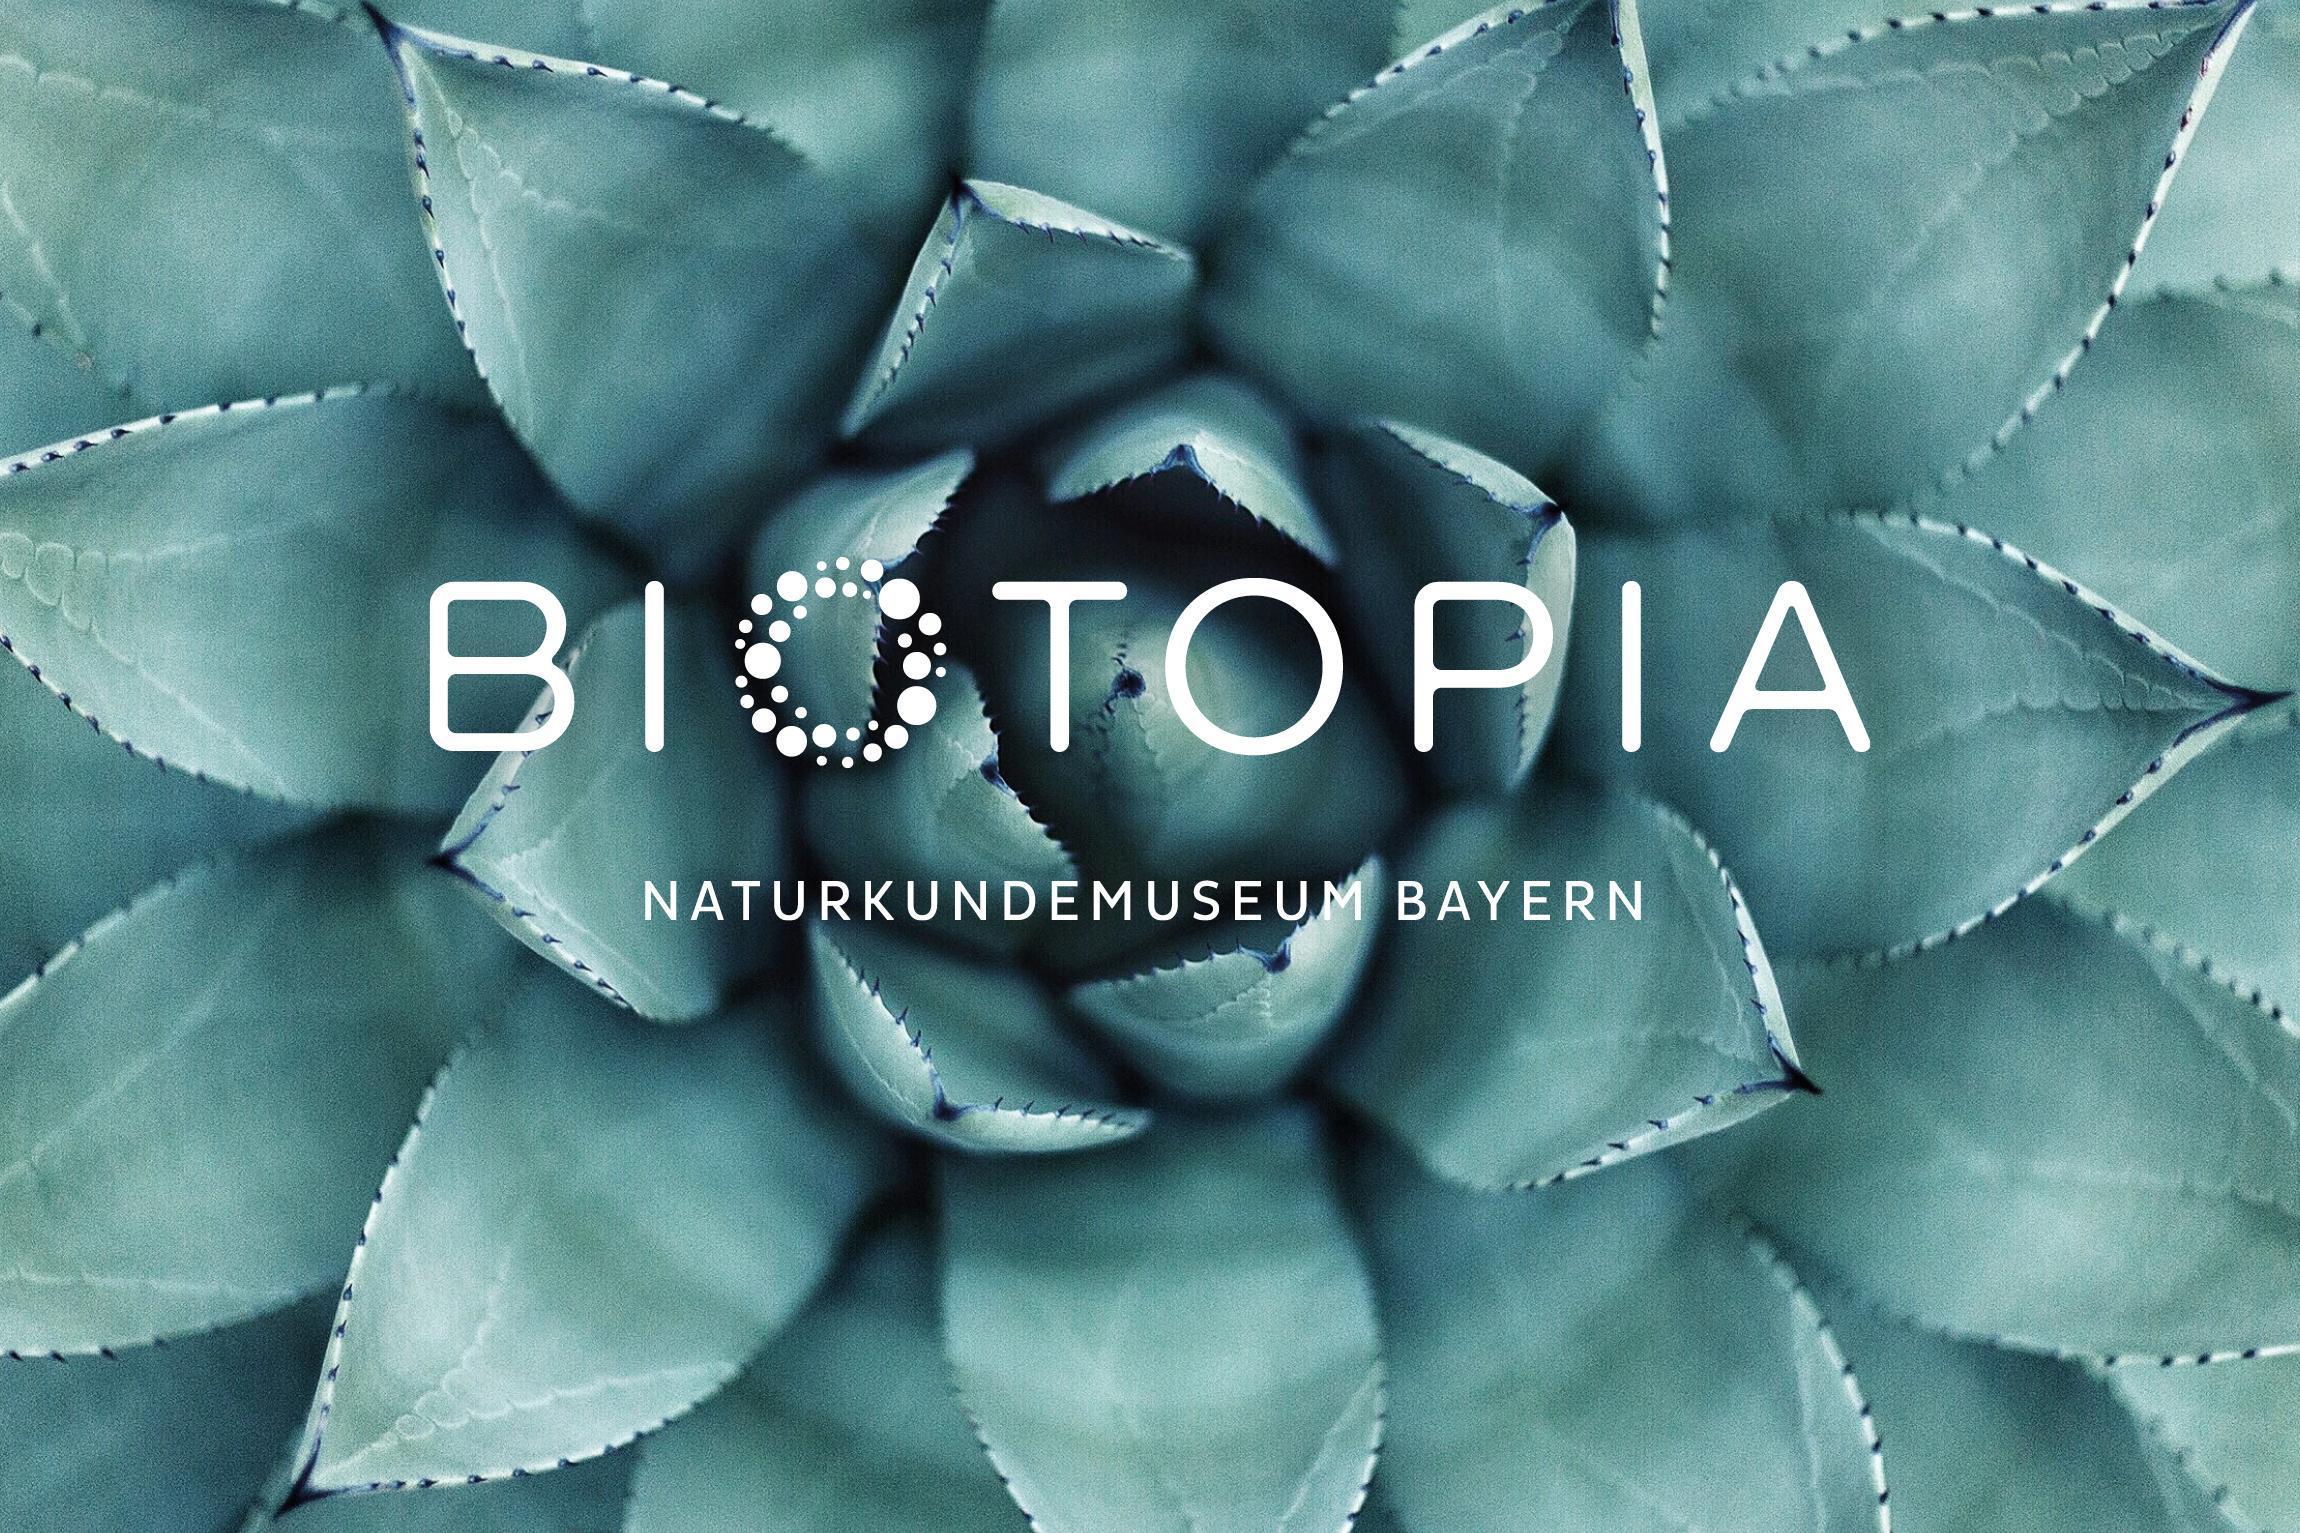 biotopia-museum-erscheinungsbild-brand-story-01.jpg